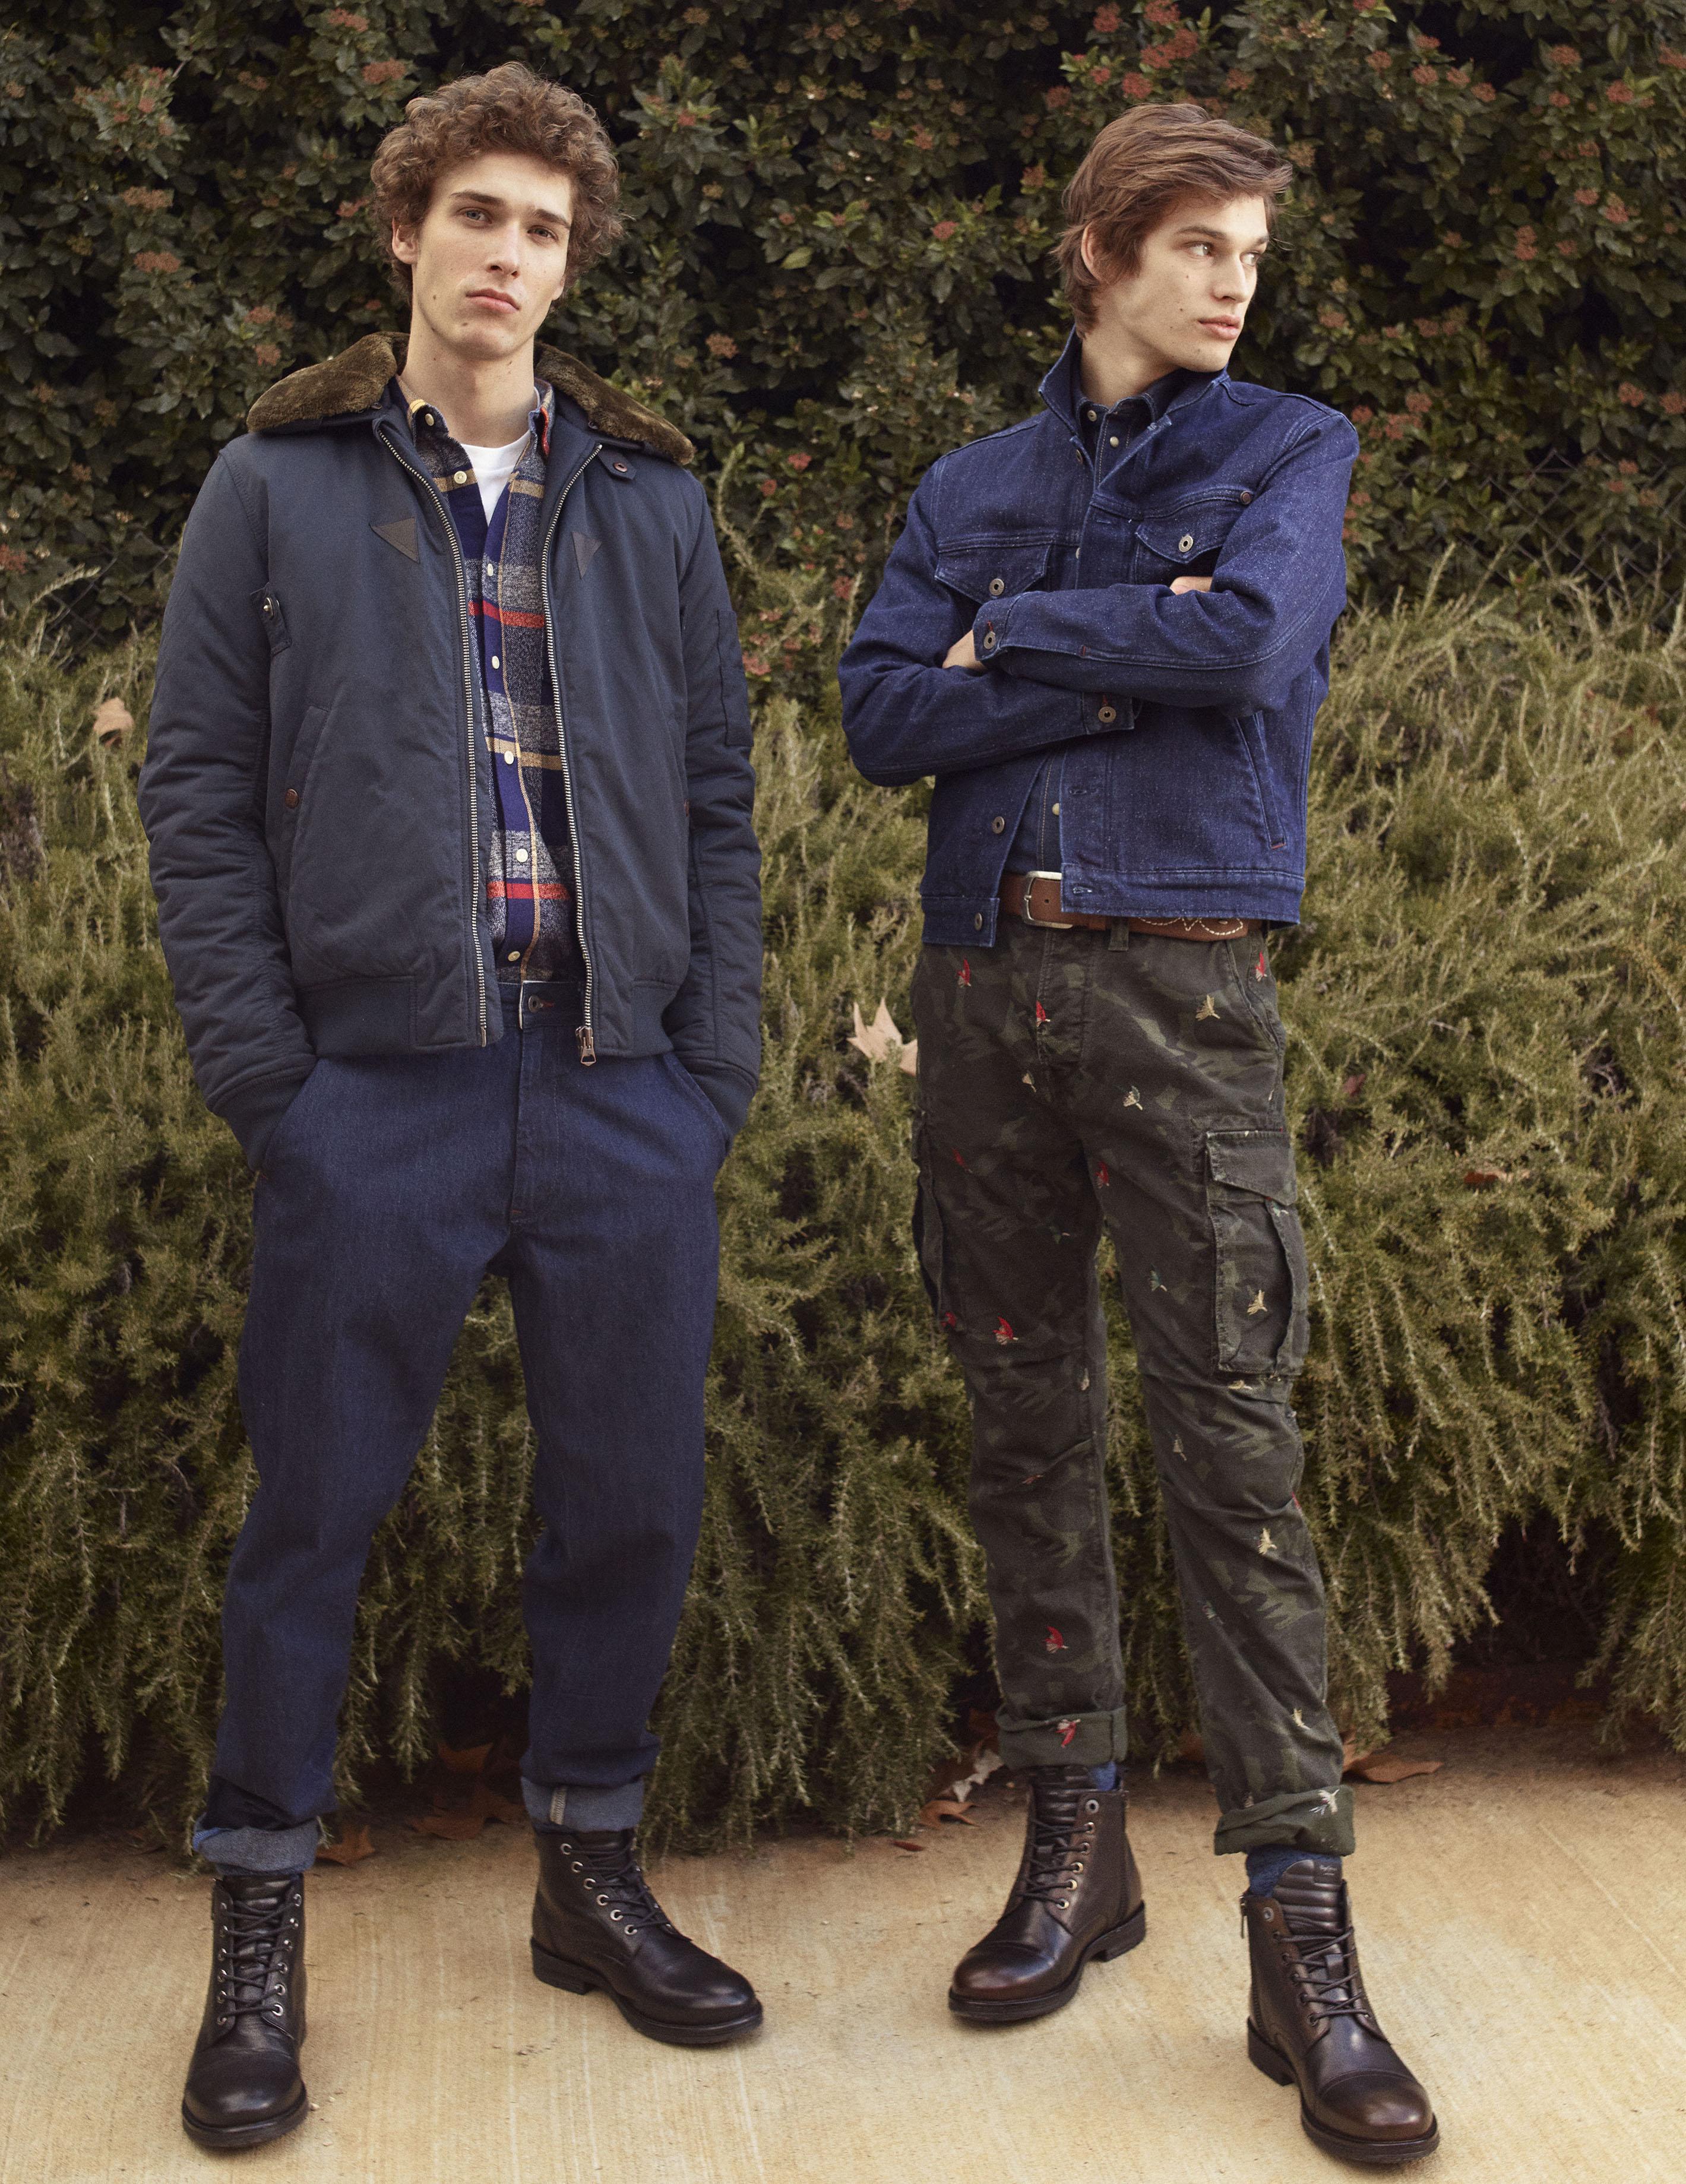 Η συλλογή F/W 2019 της Pepe Jeans London επικεντρώνεται στην άνεση και στην κομψότητα